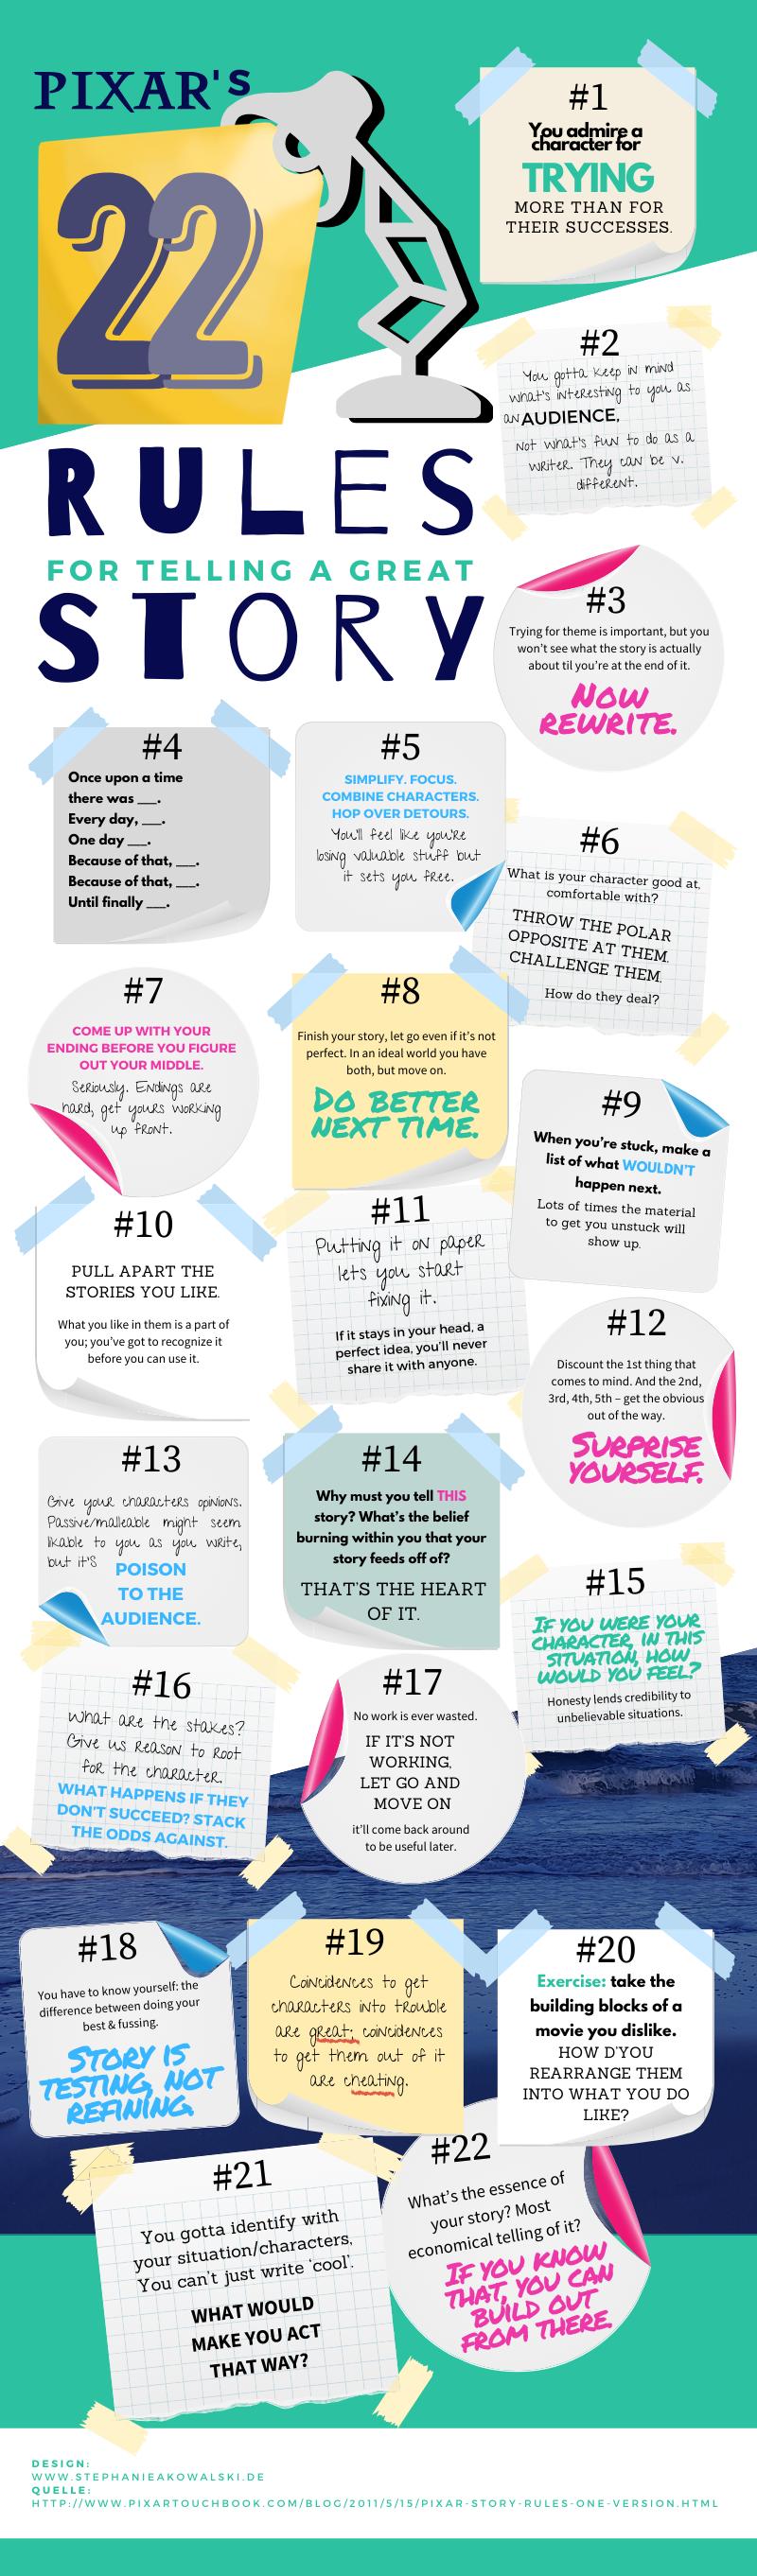 Pixar 22 Rules Storytelling_Online PR Guide